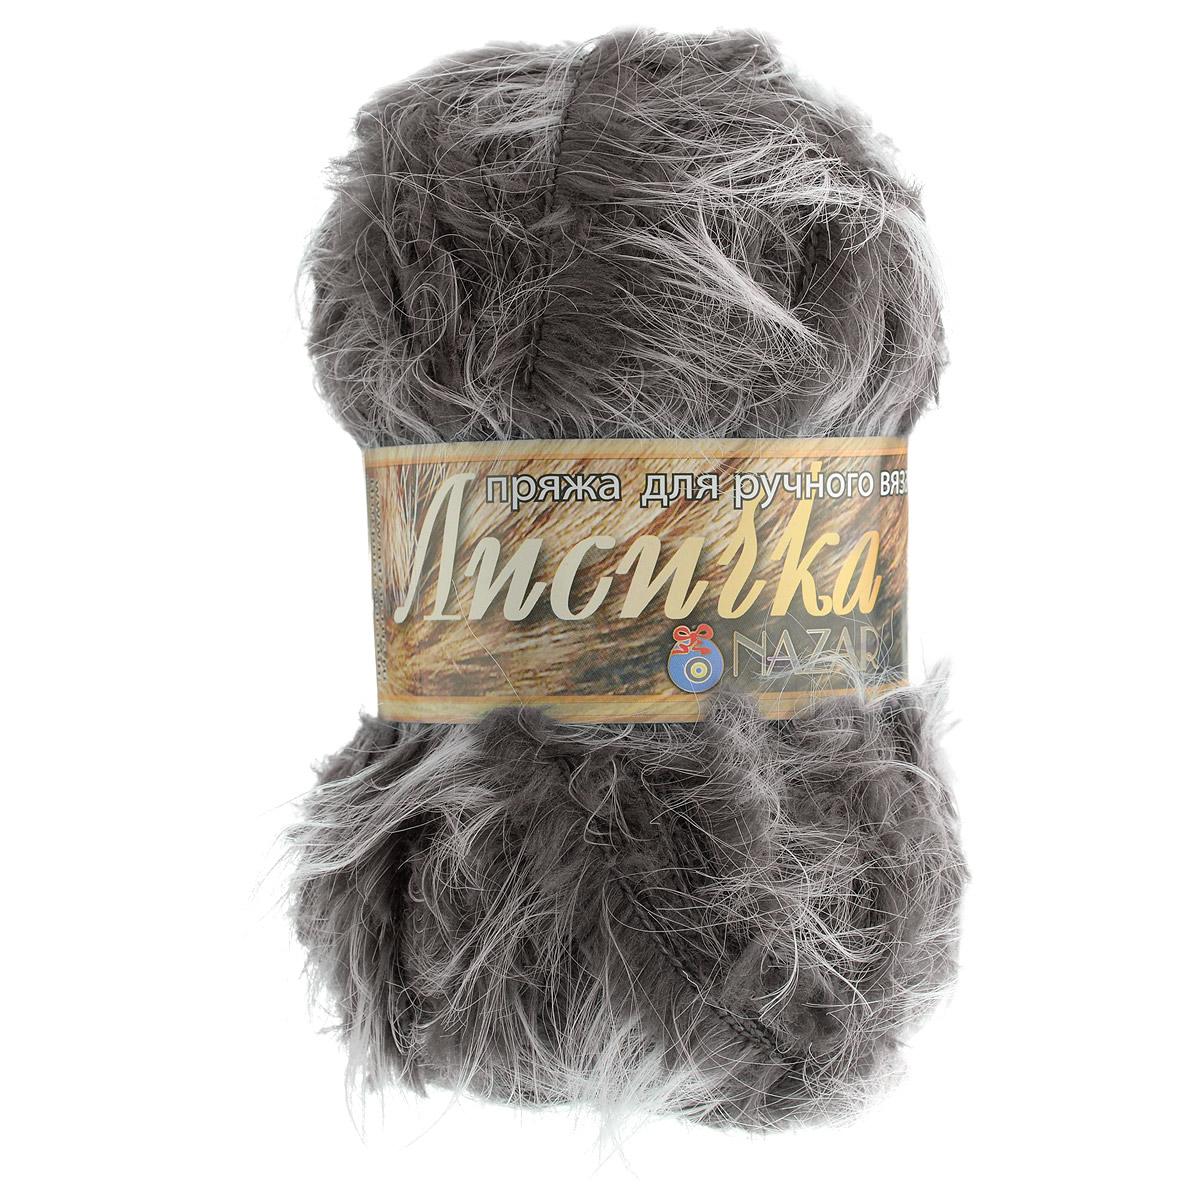 Пряжа для вязания Nazar Лисичка, цвет: коричневый (001), 100 г, 90 м, 5 шт688122_001